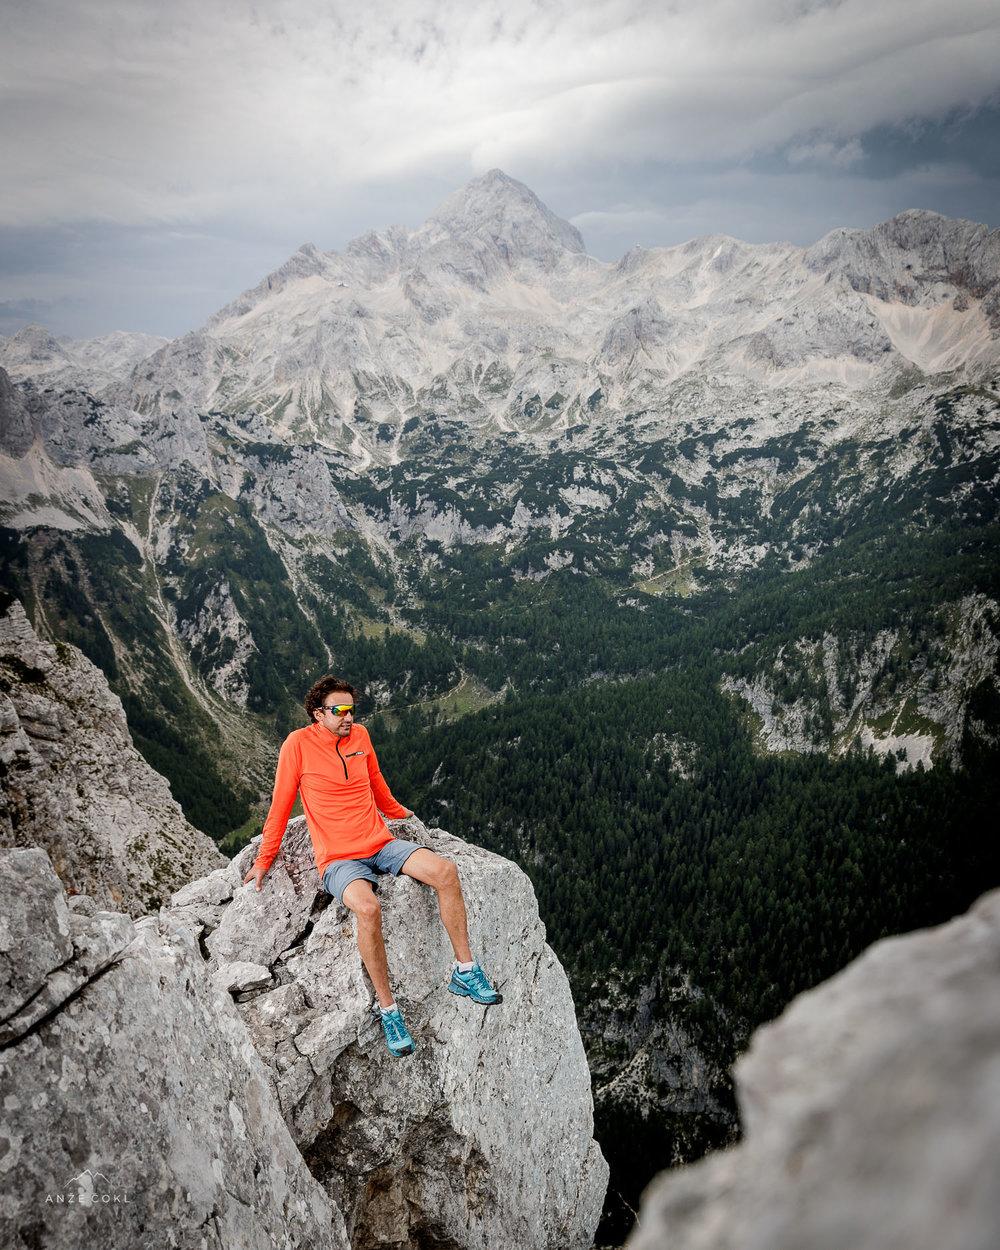 Pozer na grebenu s pol kilometra pod ritjo.